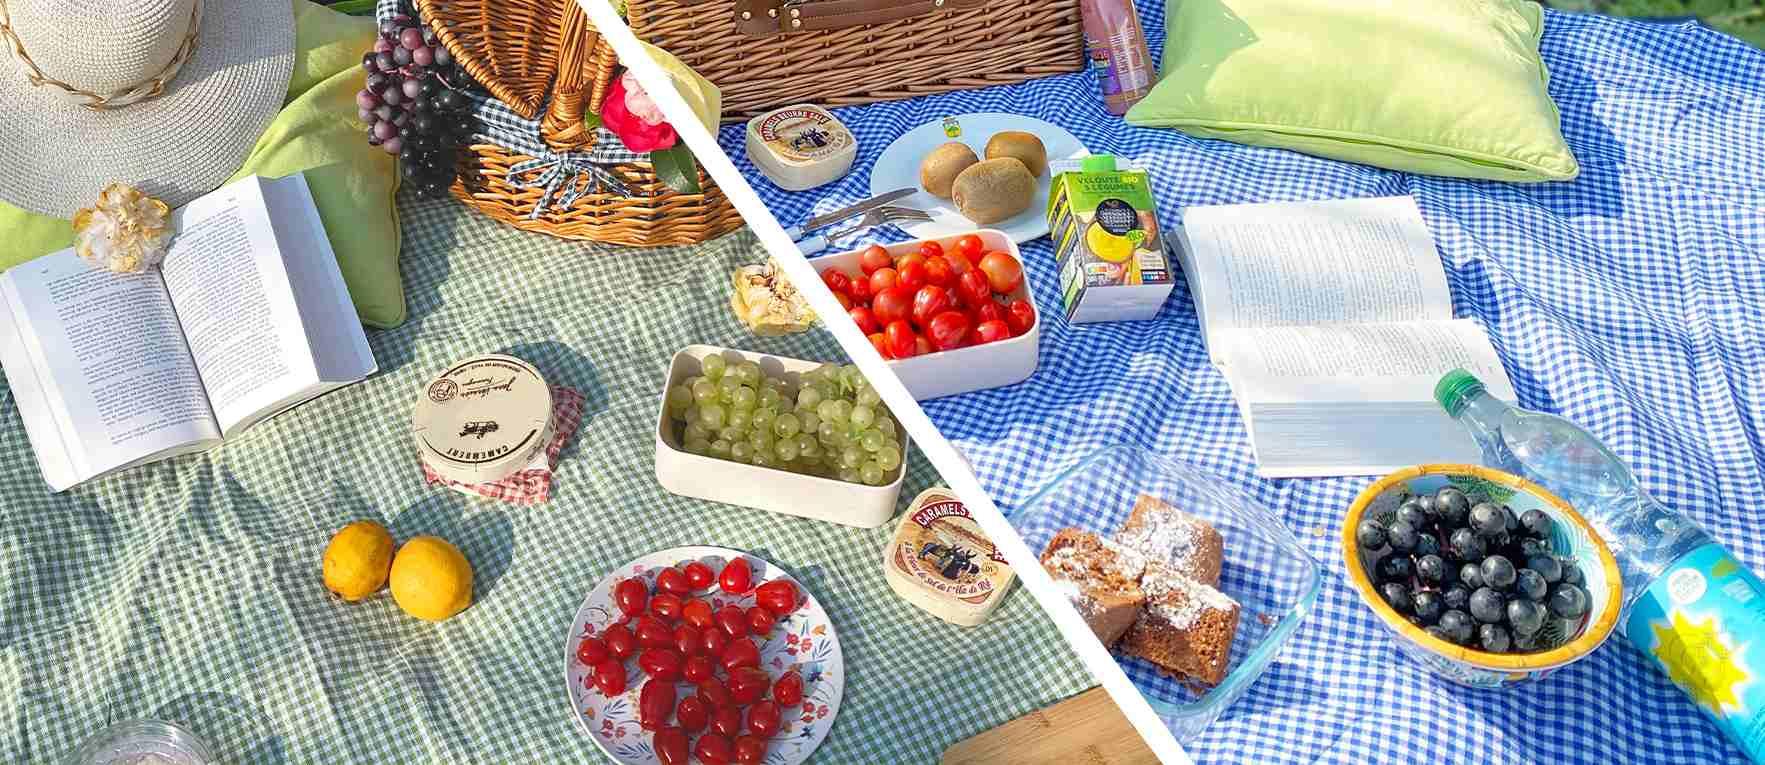 Blau und grün Gingham wasserdichte Picknick-Tischdecke